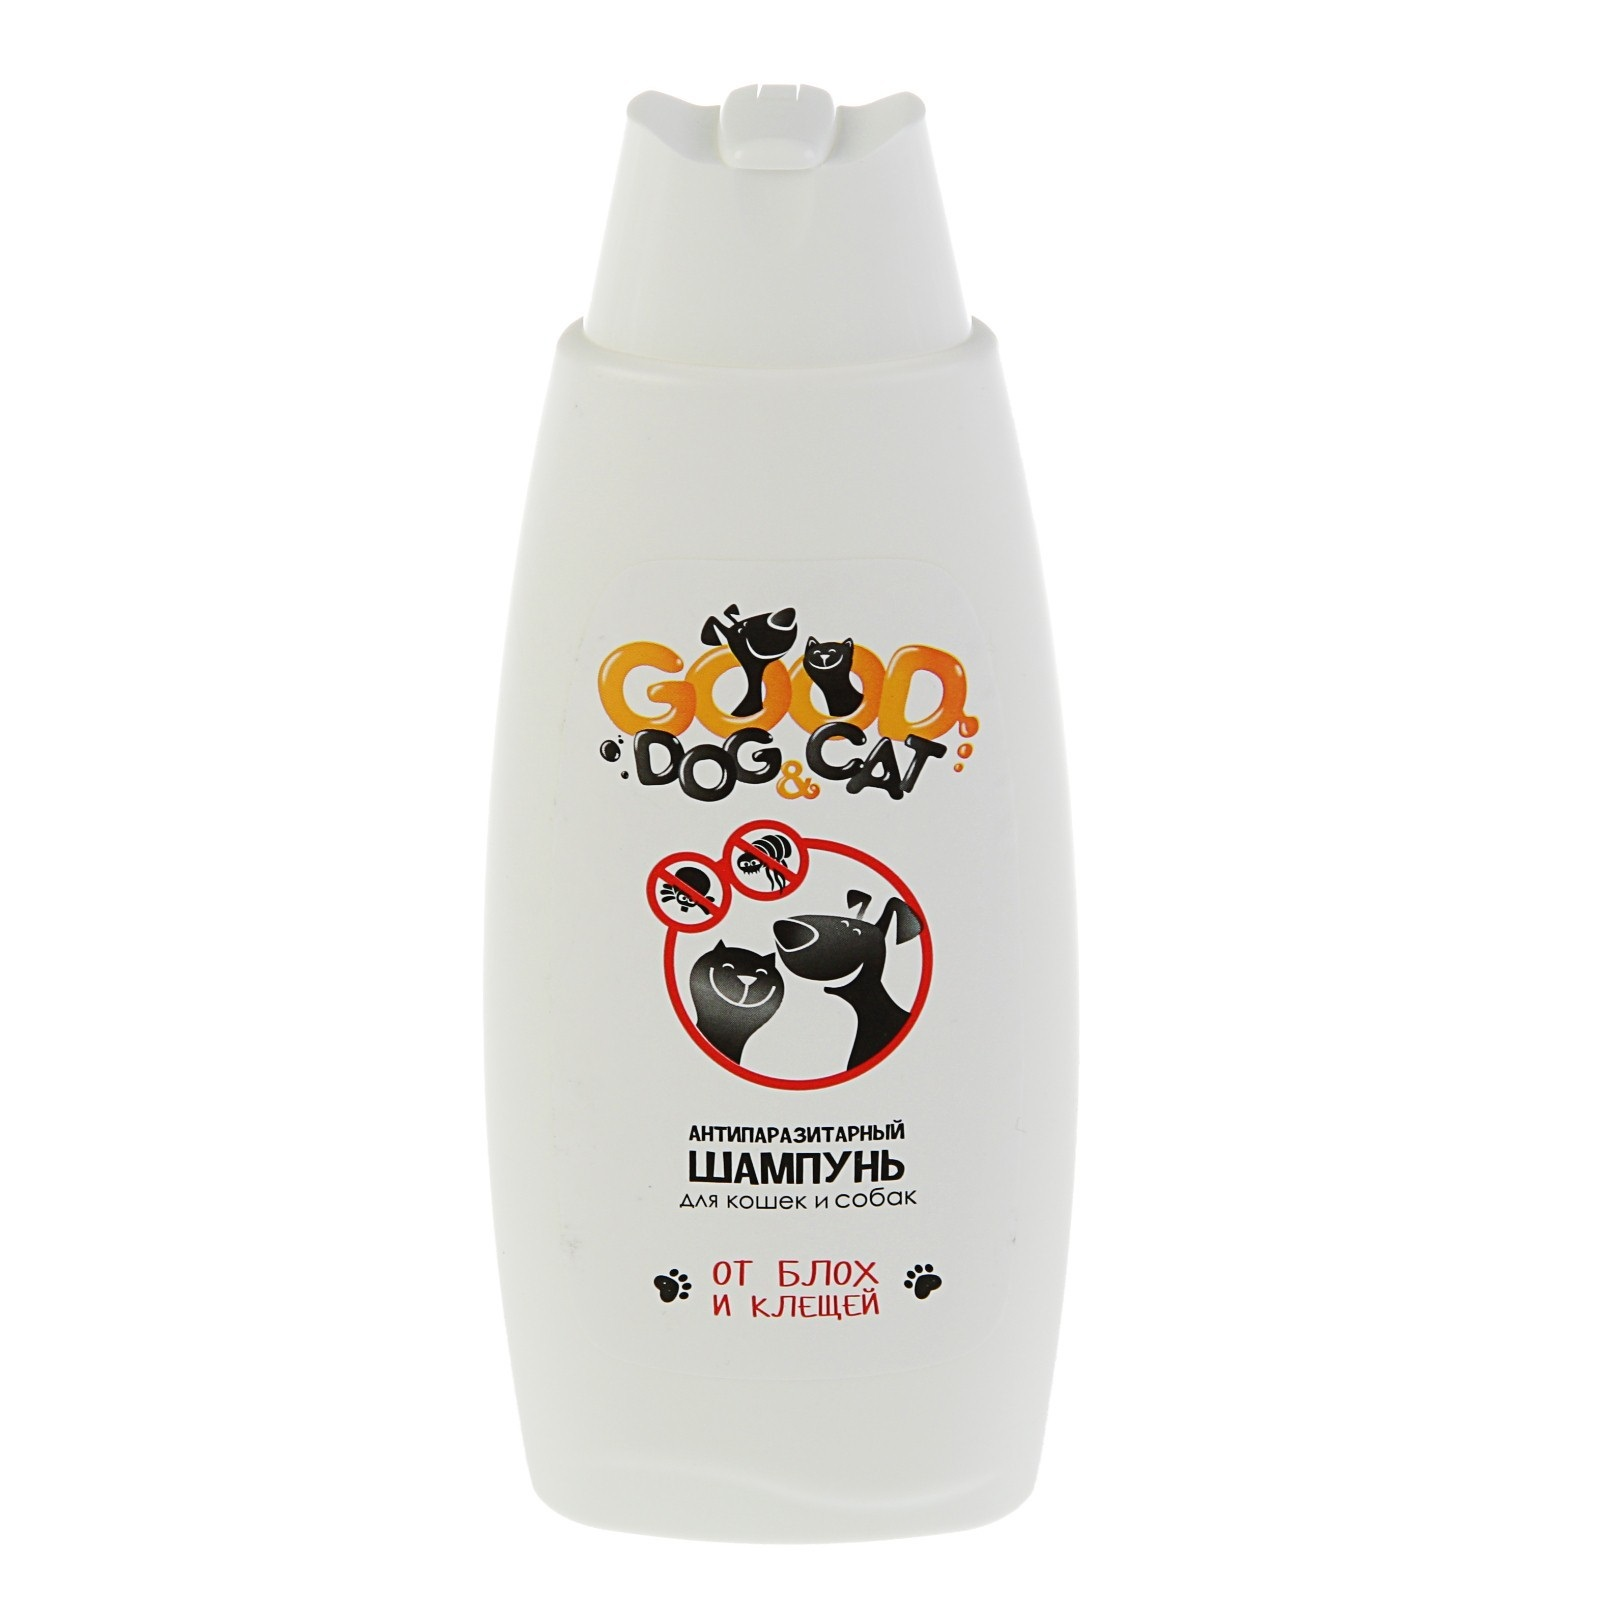 Шампунь для домашнего питомца Good Dog &